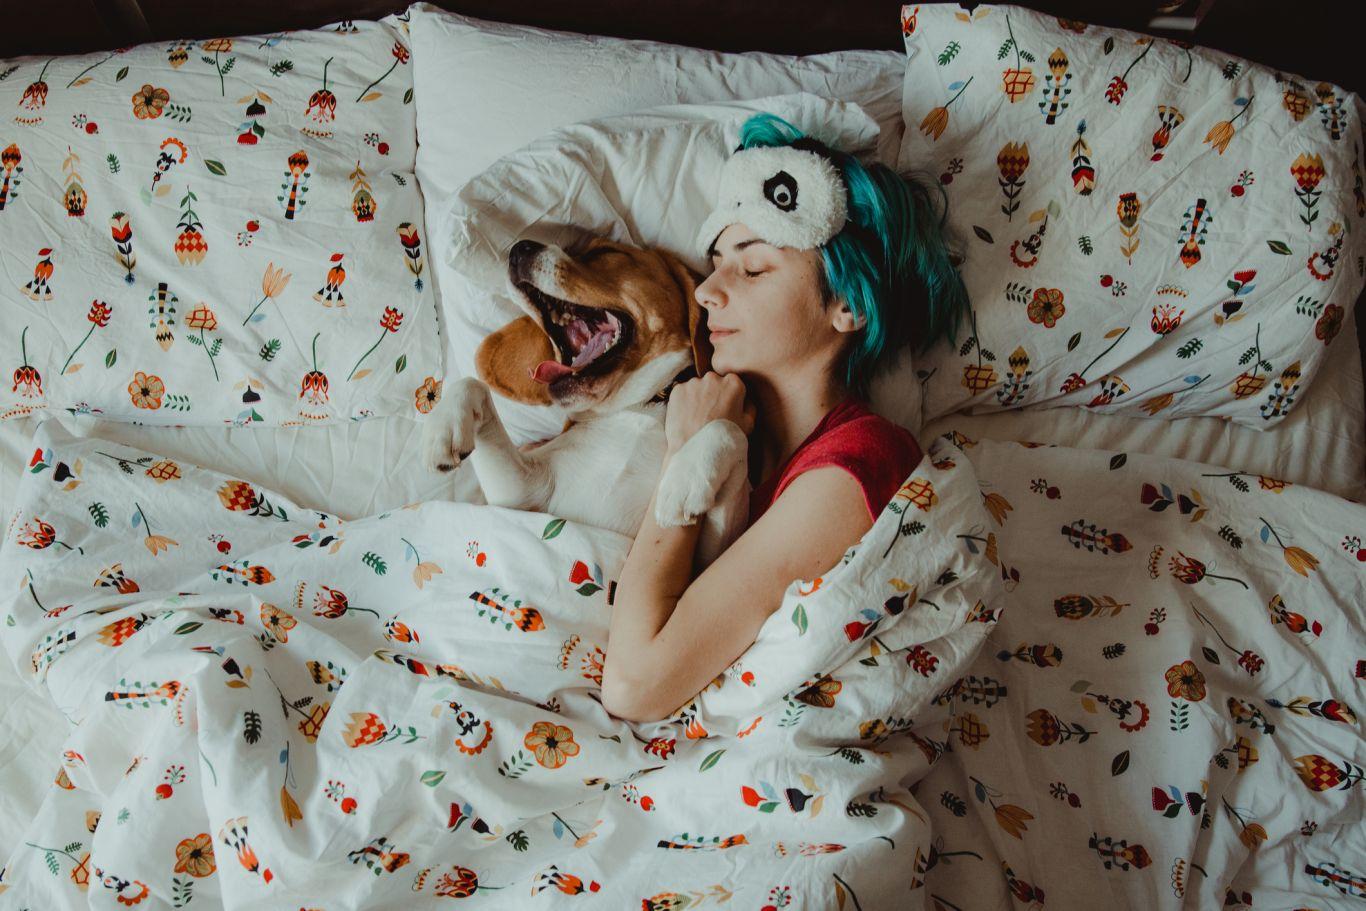 açafrão ajuda a dormir 3